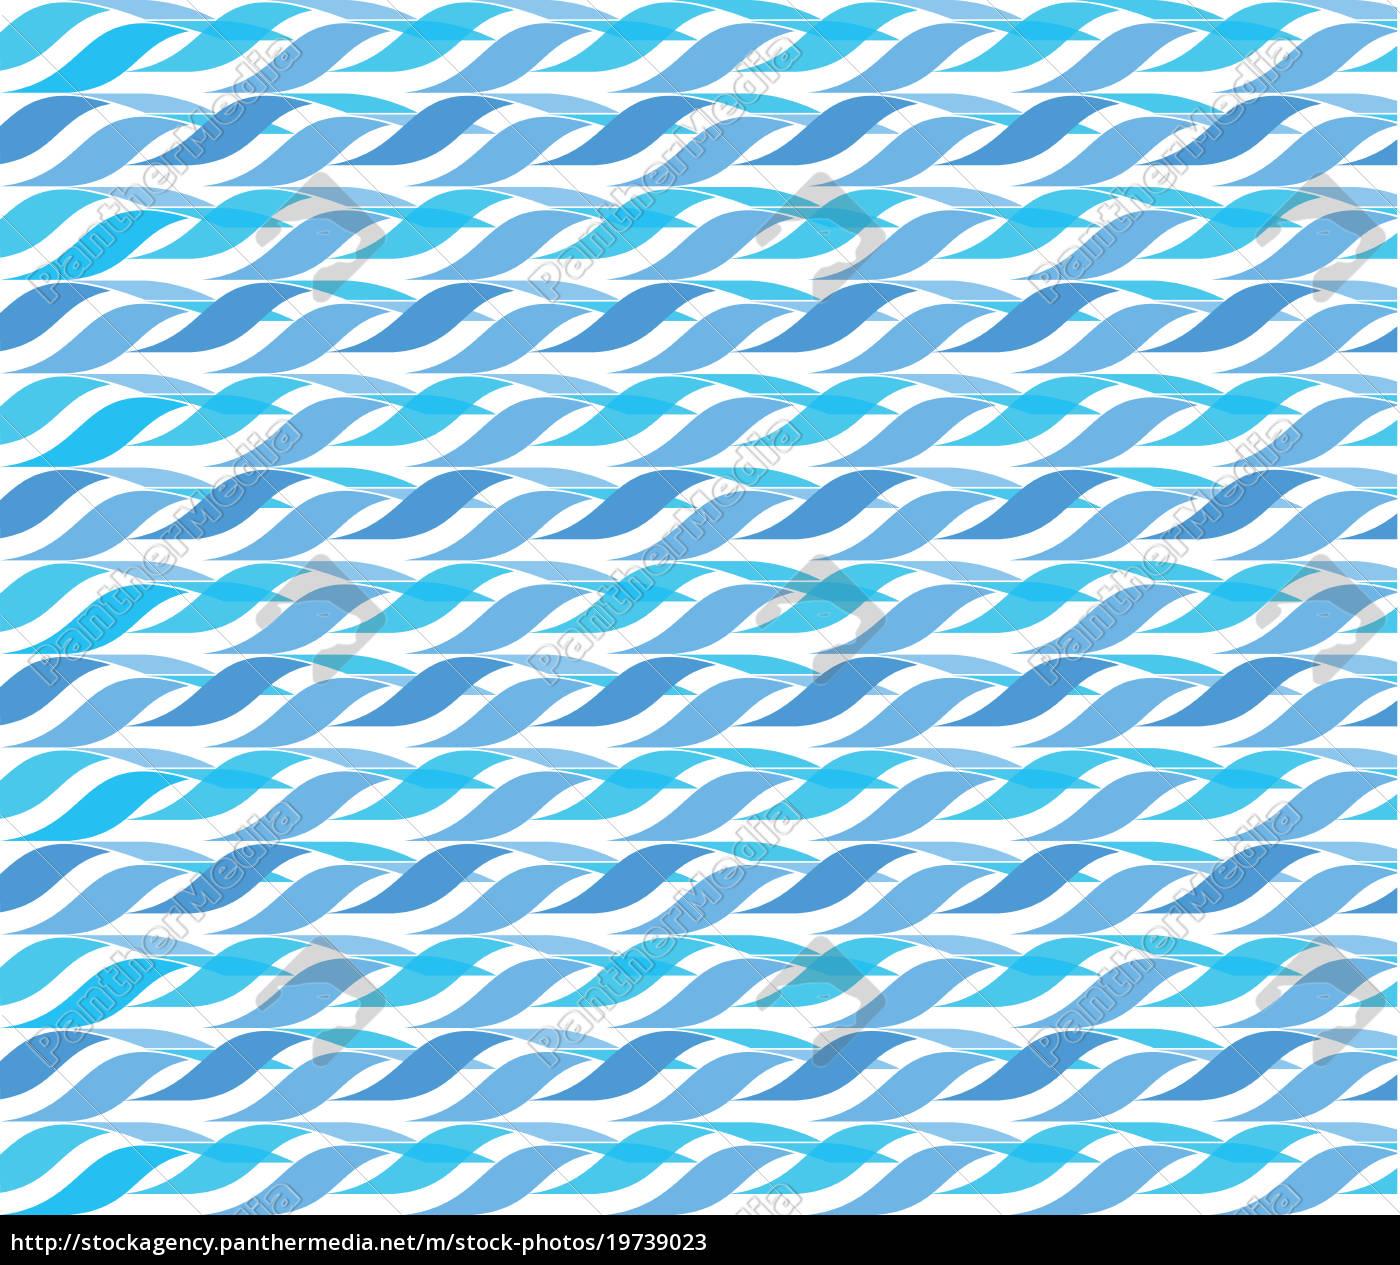 Lizenzfreies Bild 19739023 Wellen Muster Abstrakt